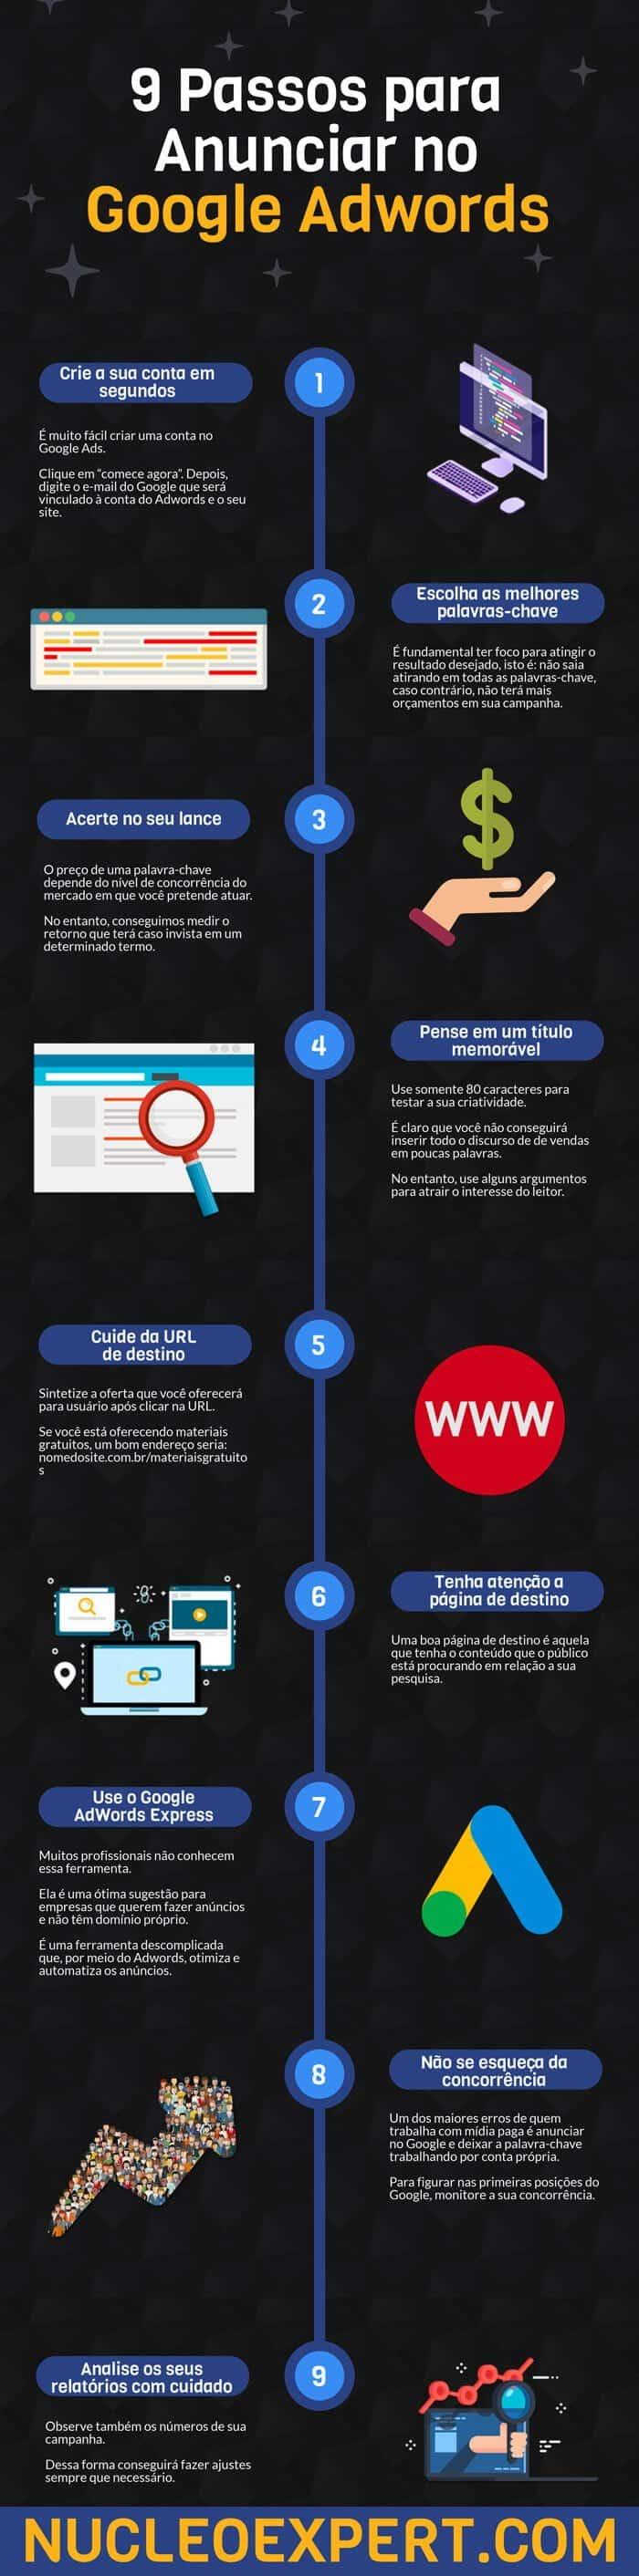 Infografico para 9 Passos para Anunciar no Google Ads